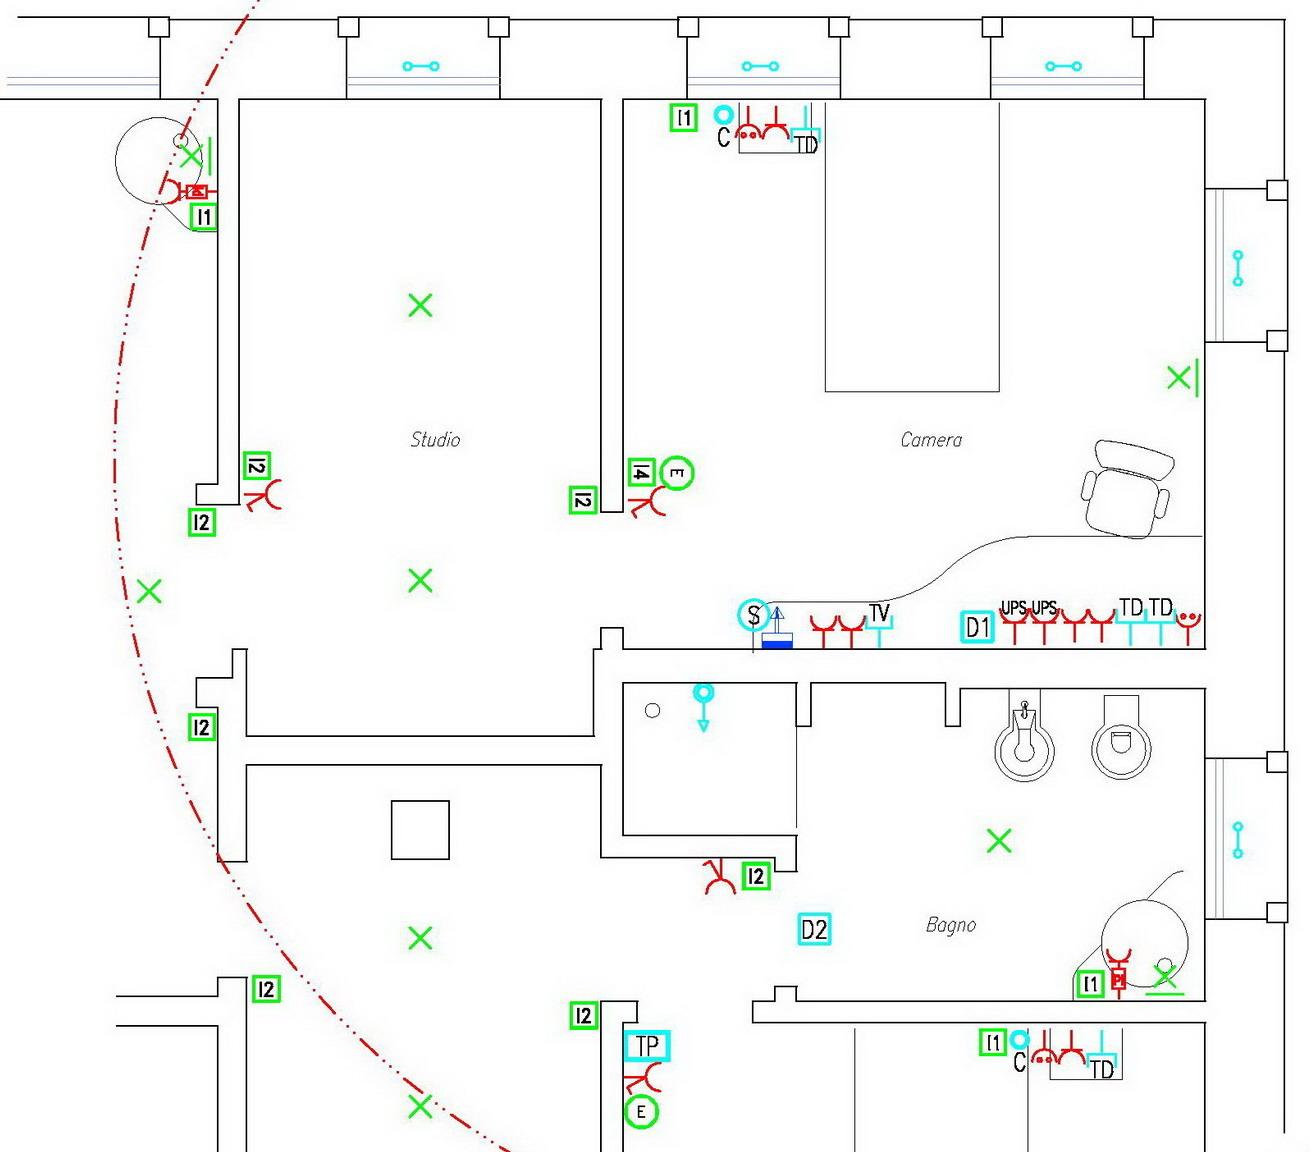 Digital designers disegnatori digitali - Planimetria camera da letto ...